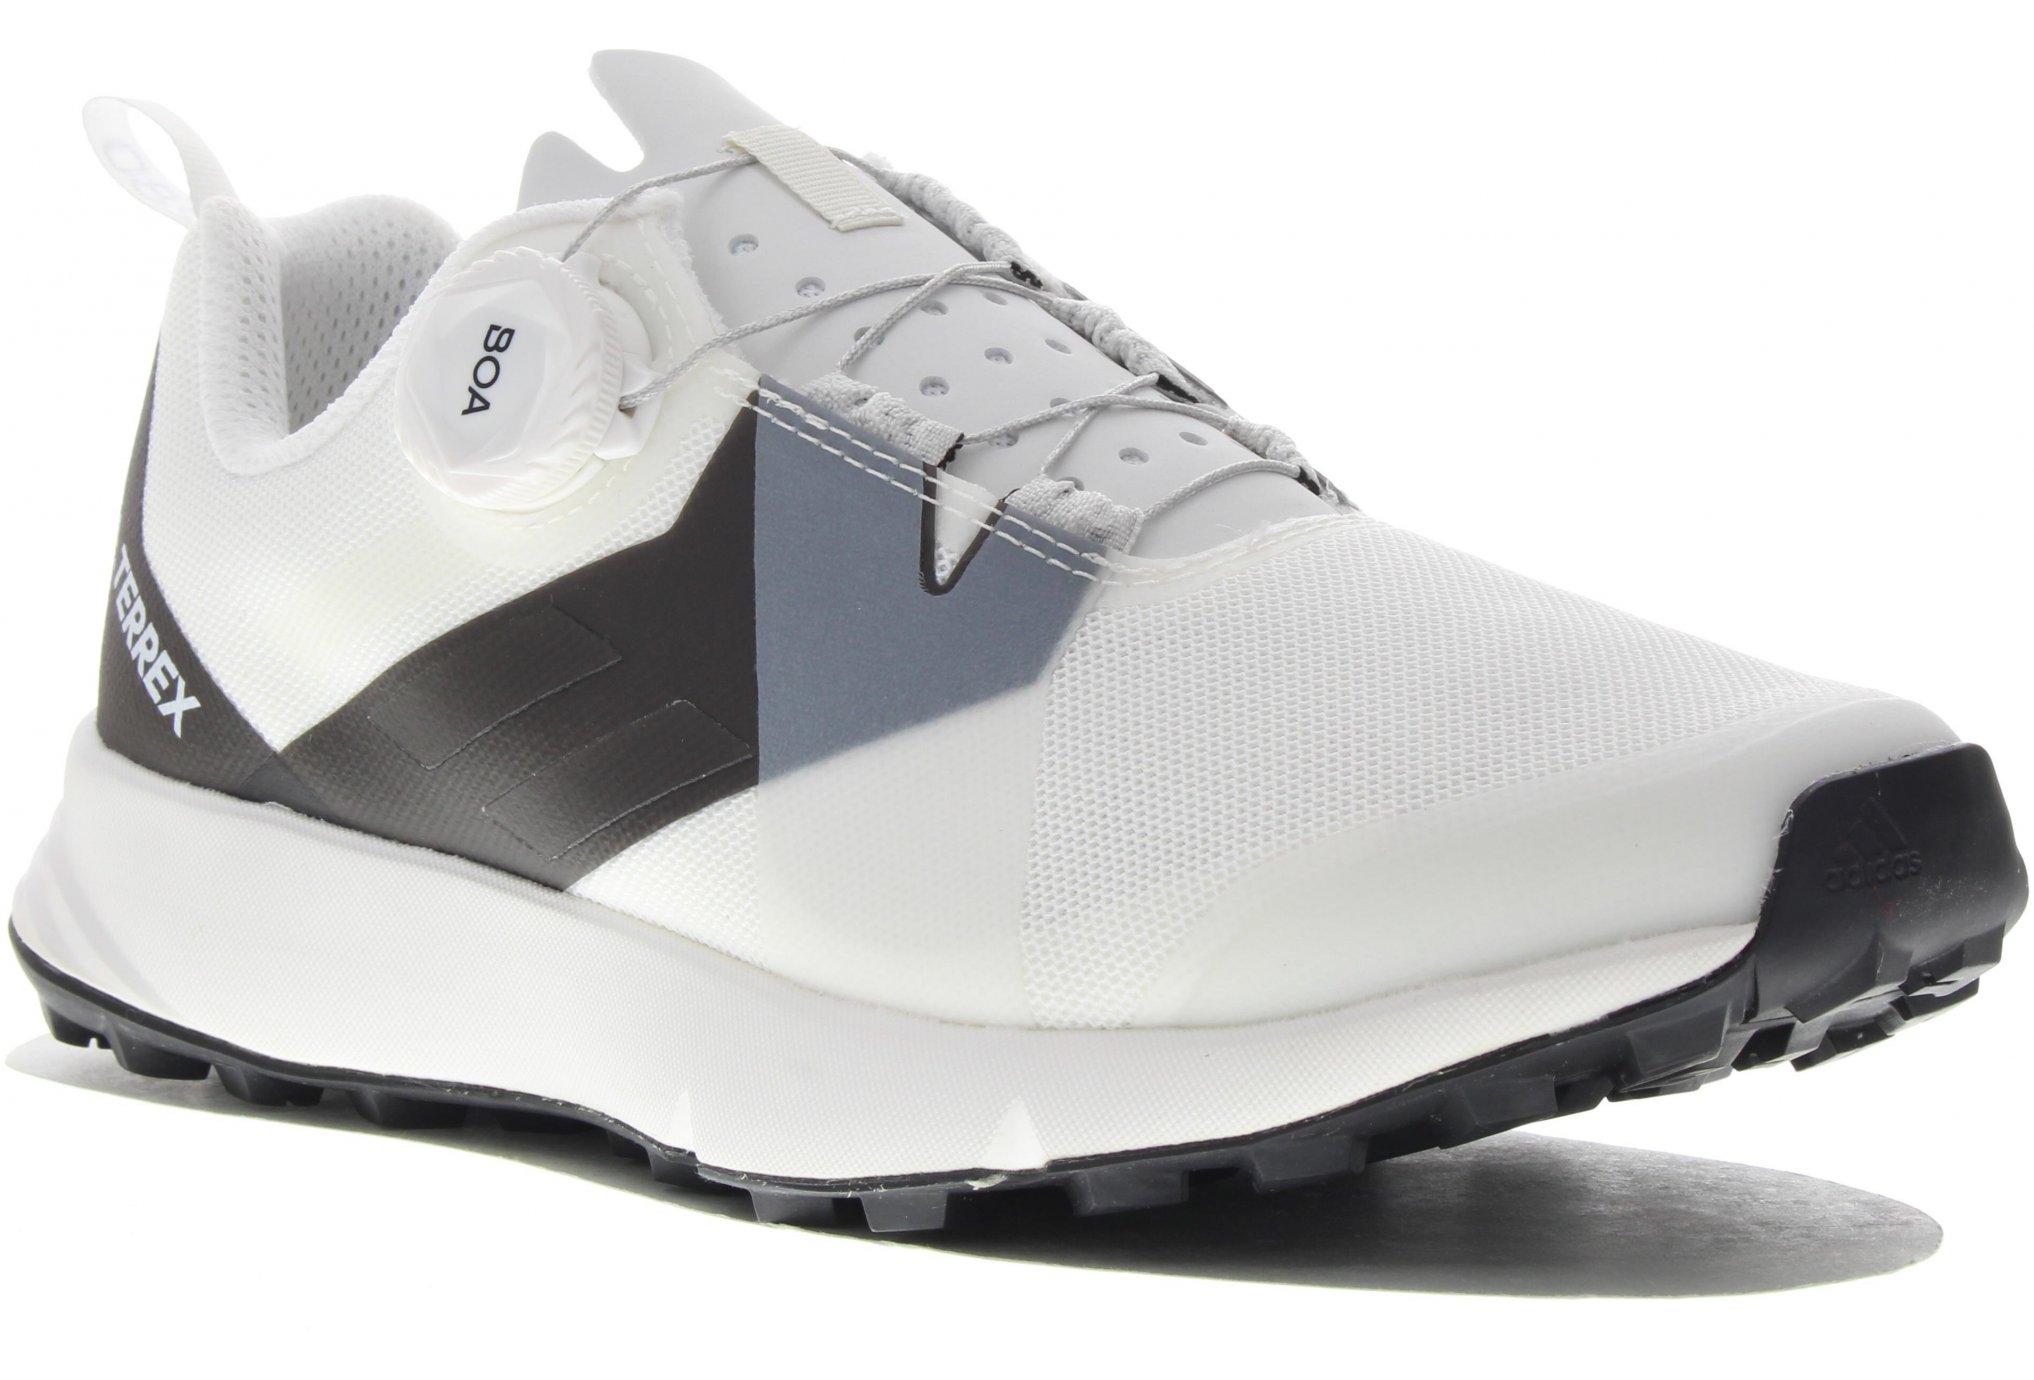 adidas Terrex Two Boa Non Dye déstockage running